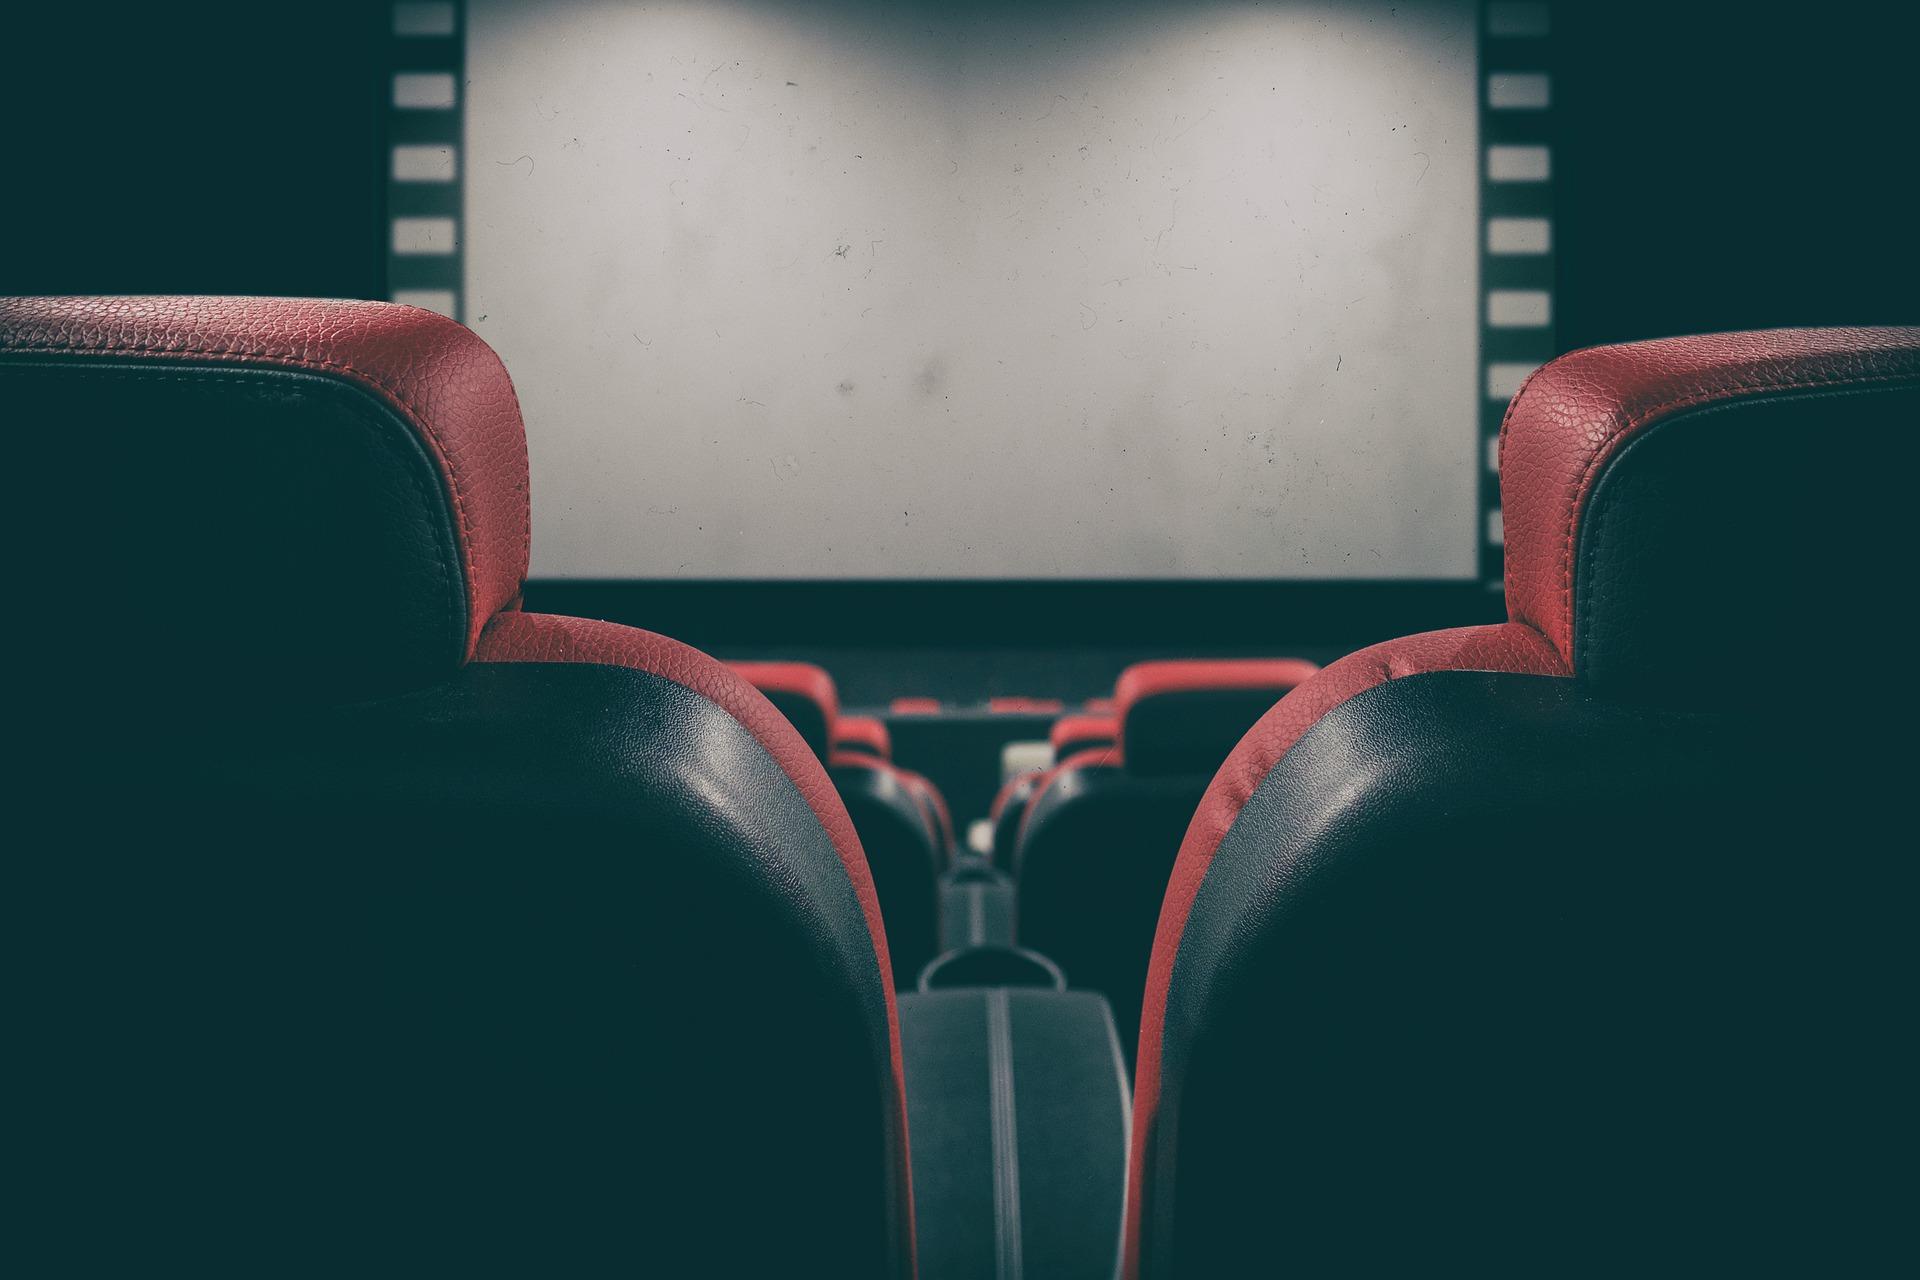 Kino: Betreiber vermieten leere Säle an Gamer